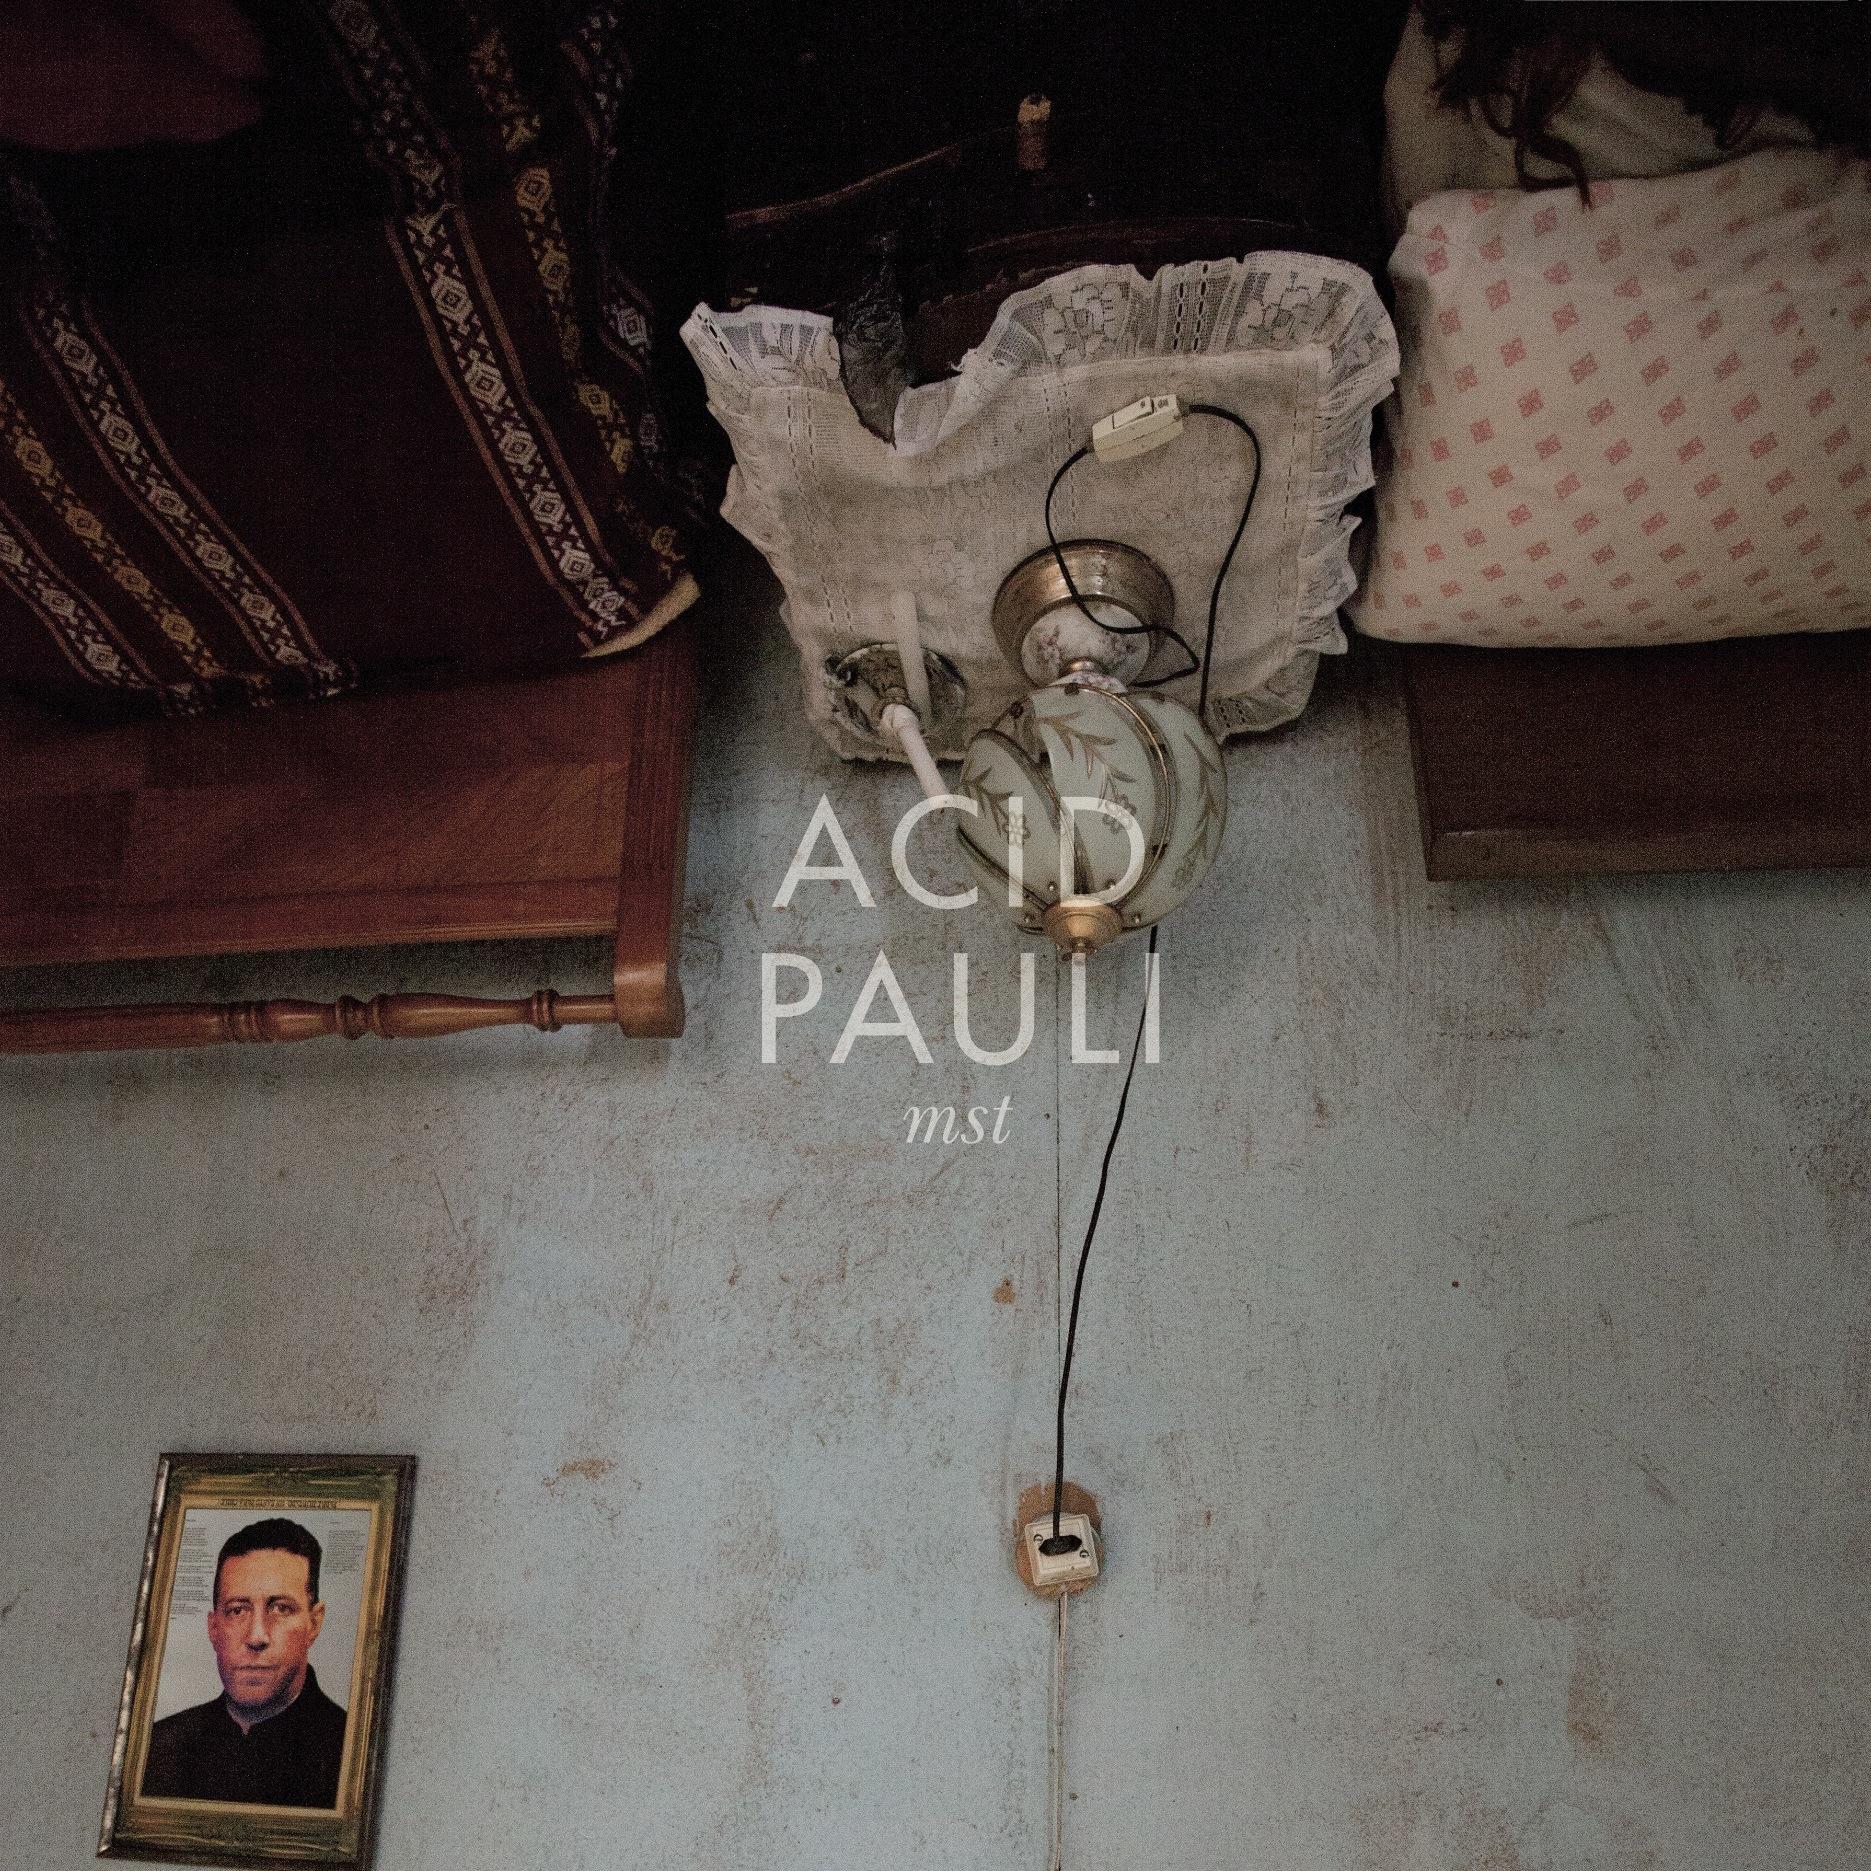 """Acid Pauli veröffentlicht """"Mst"""" auf Nicolas Jaars Clown & Sunset"""